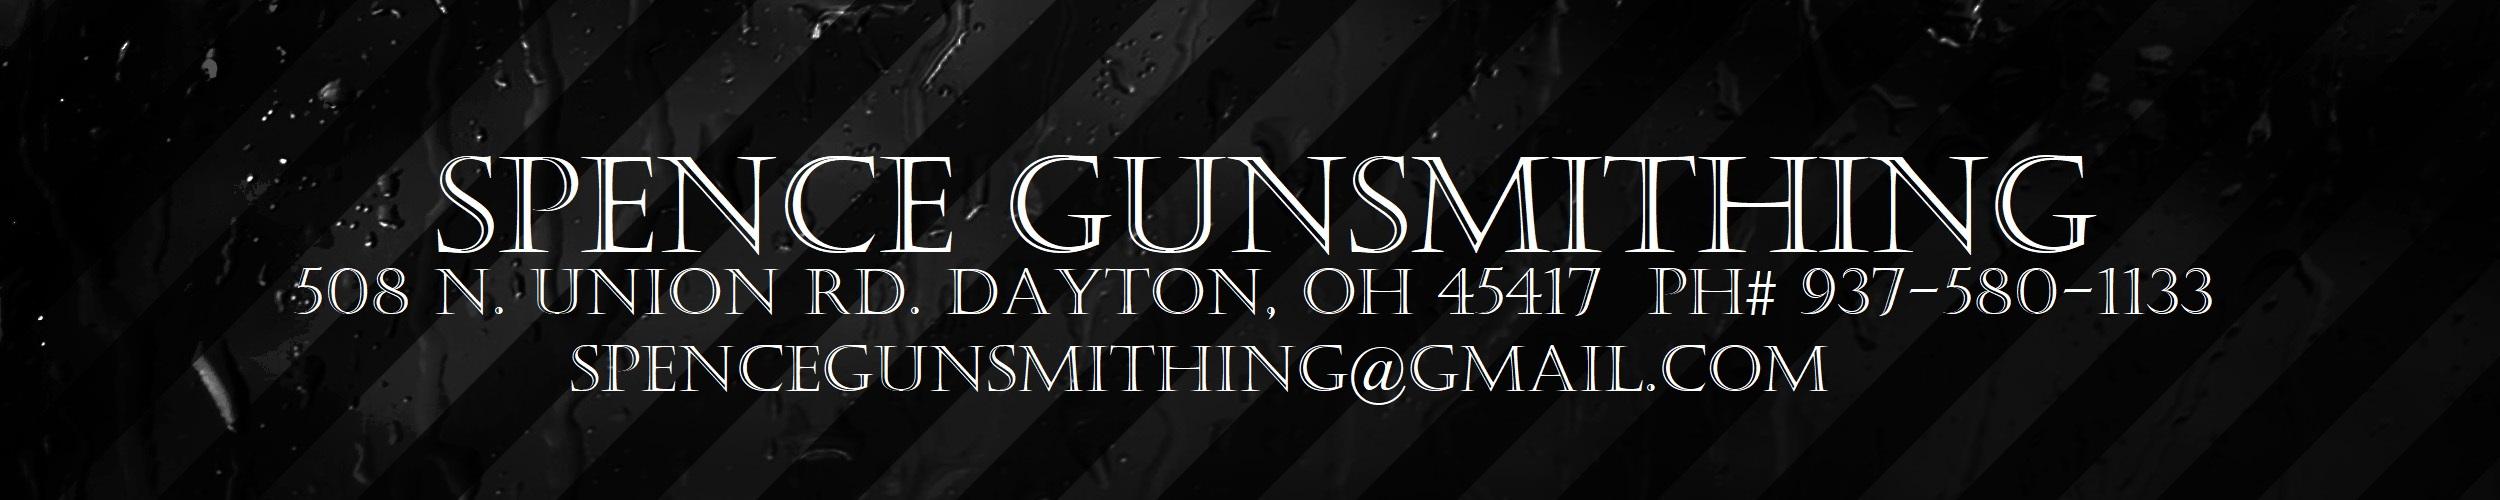 About Spence Gunsmithing